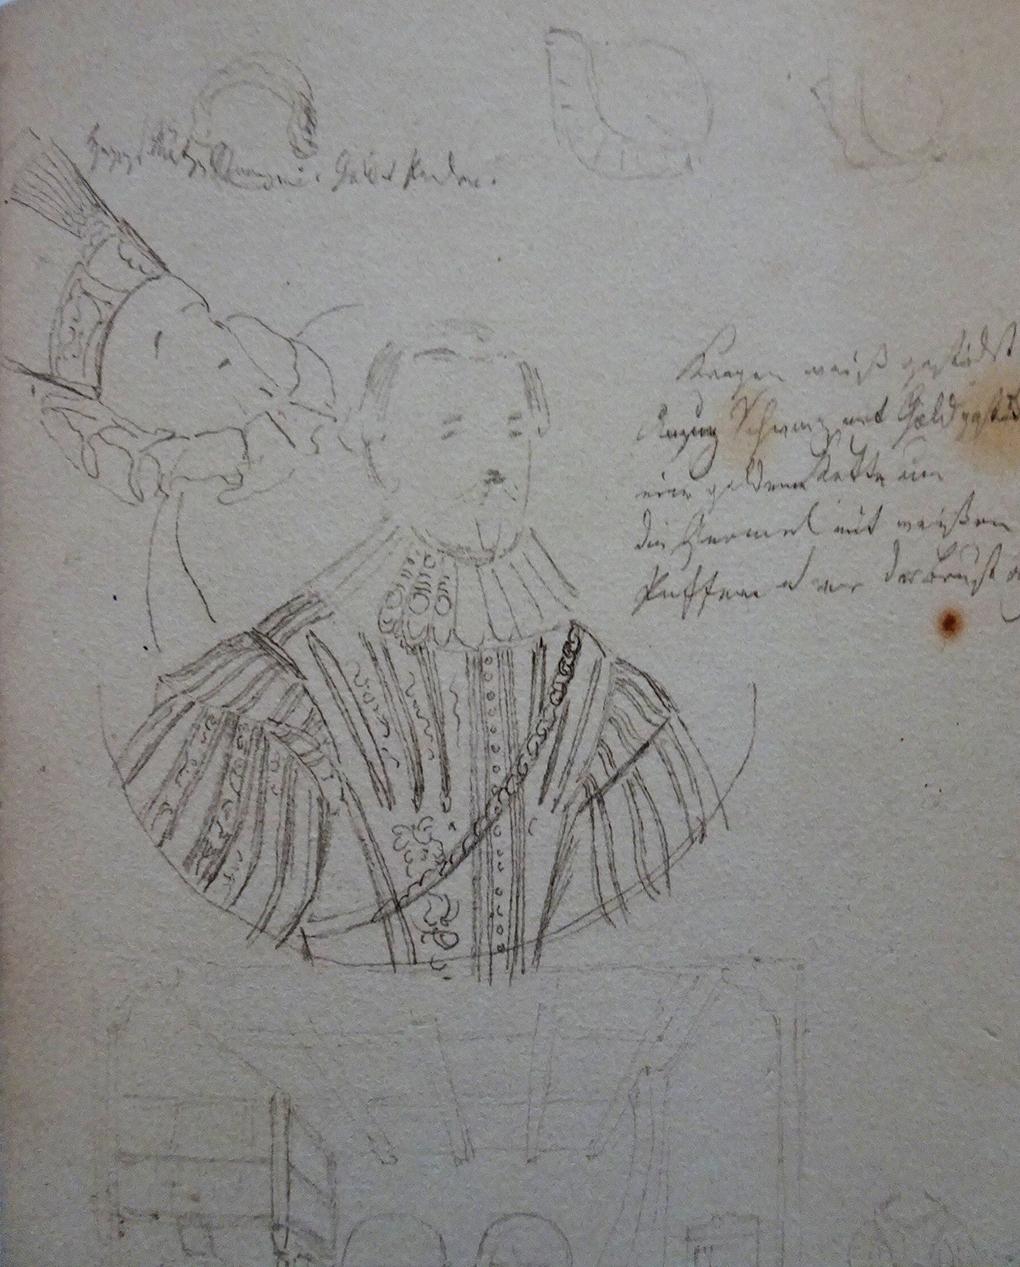 Ludwig Most, Portret podwójny książąt pomorskich, ołówek na papierze czerpanym welinowym, nie datowany, Szkicownik VI, karta 36 verso, Muzeum Narodowe w Szczecinie